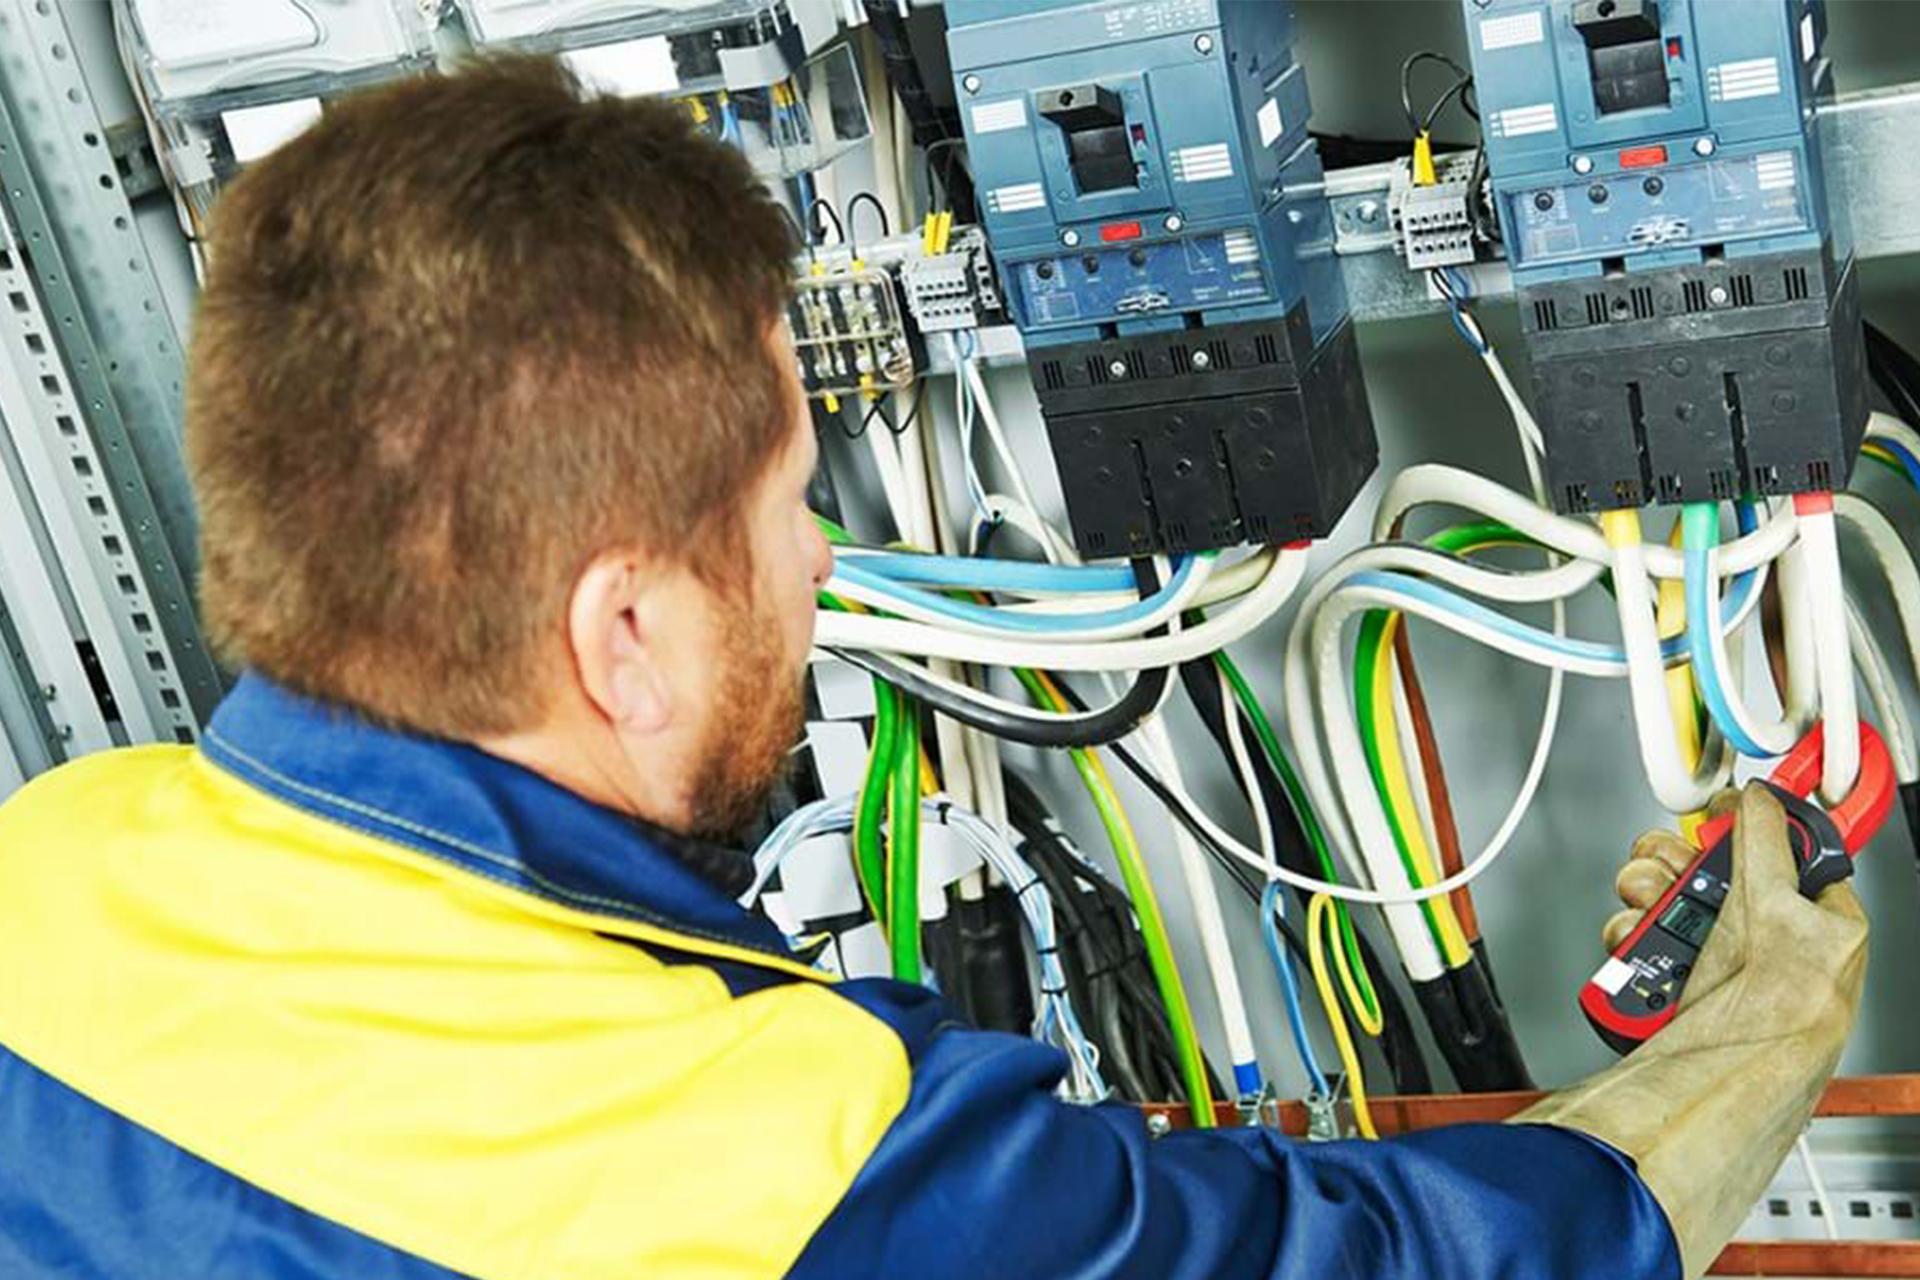 l'homme regarde l'installation électrique